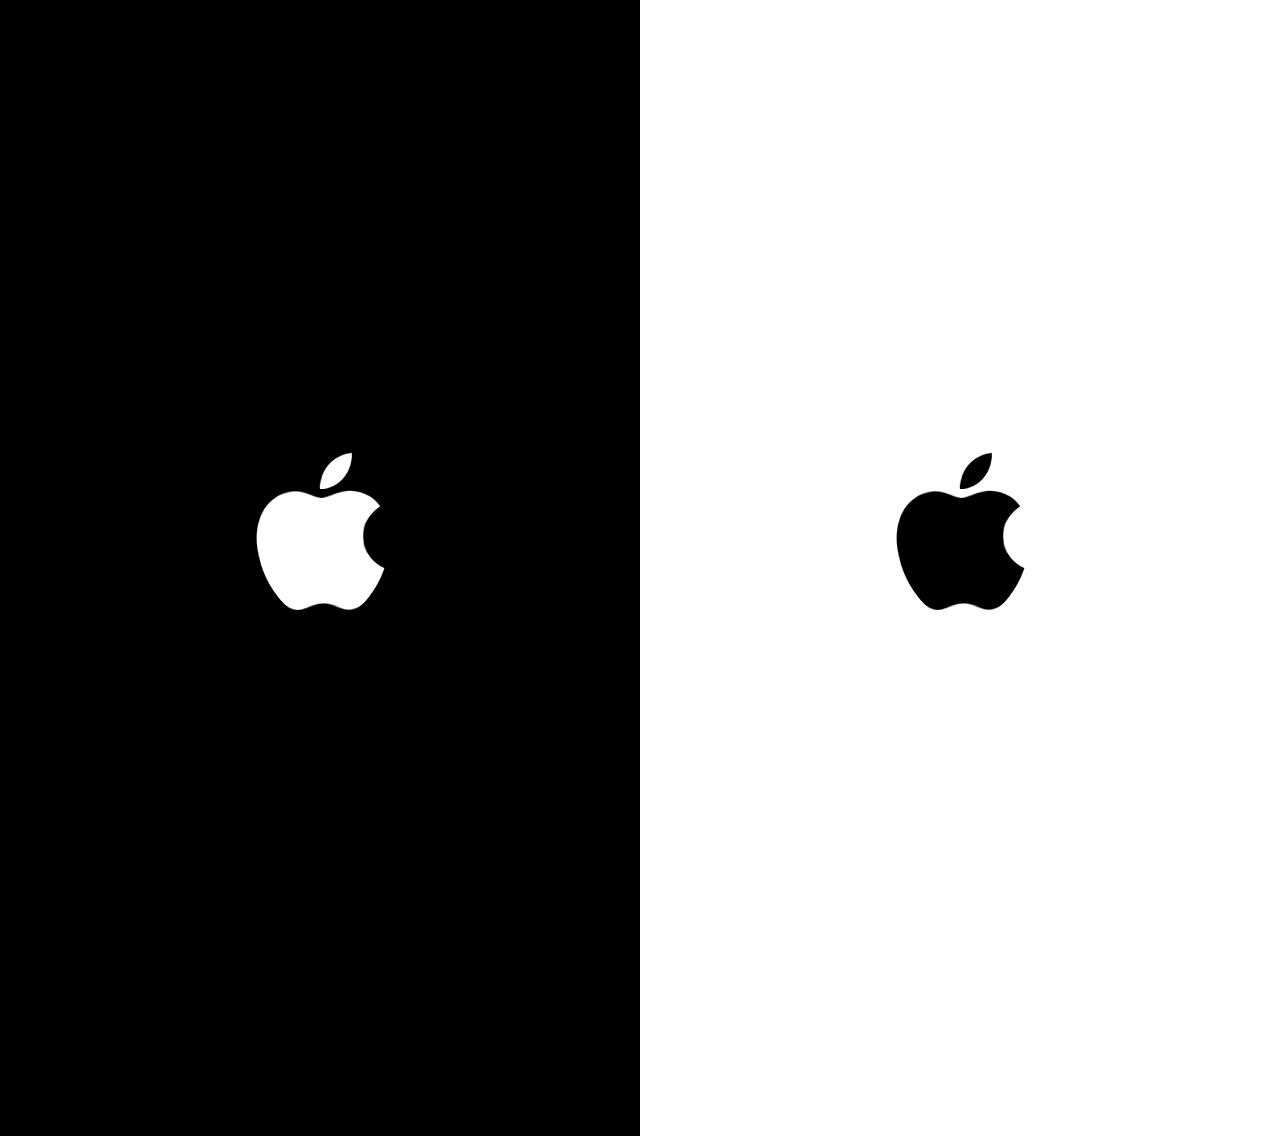 Tela de boot/inicialização do iOS 7